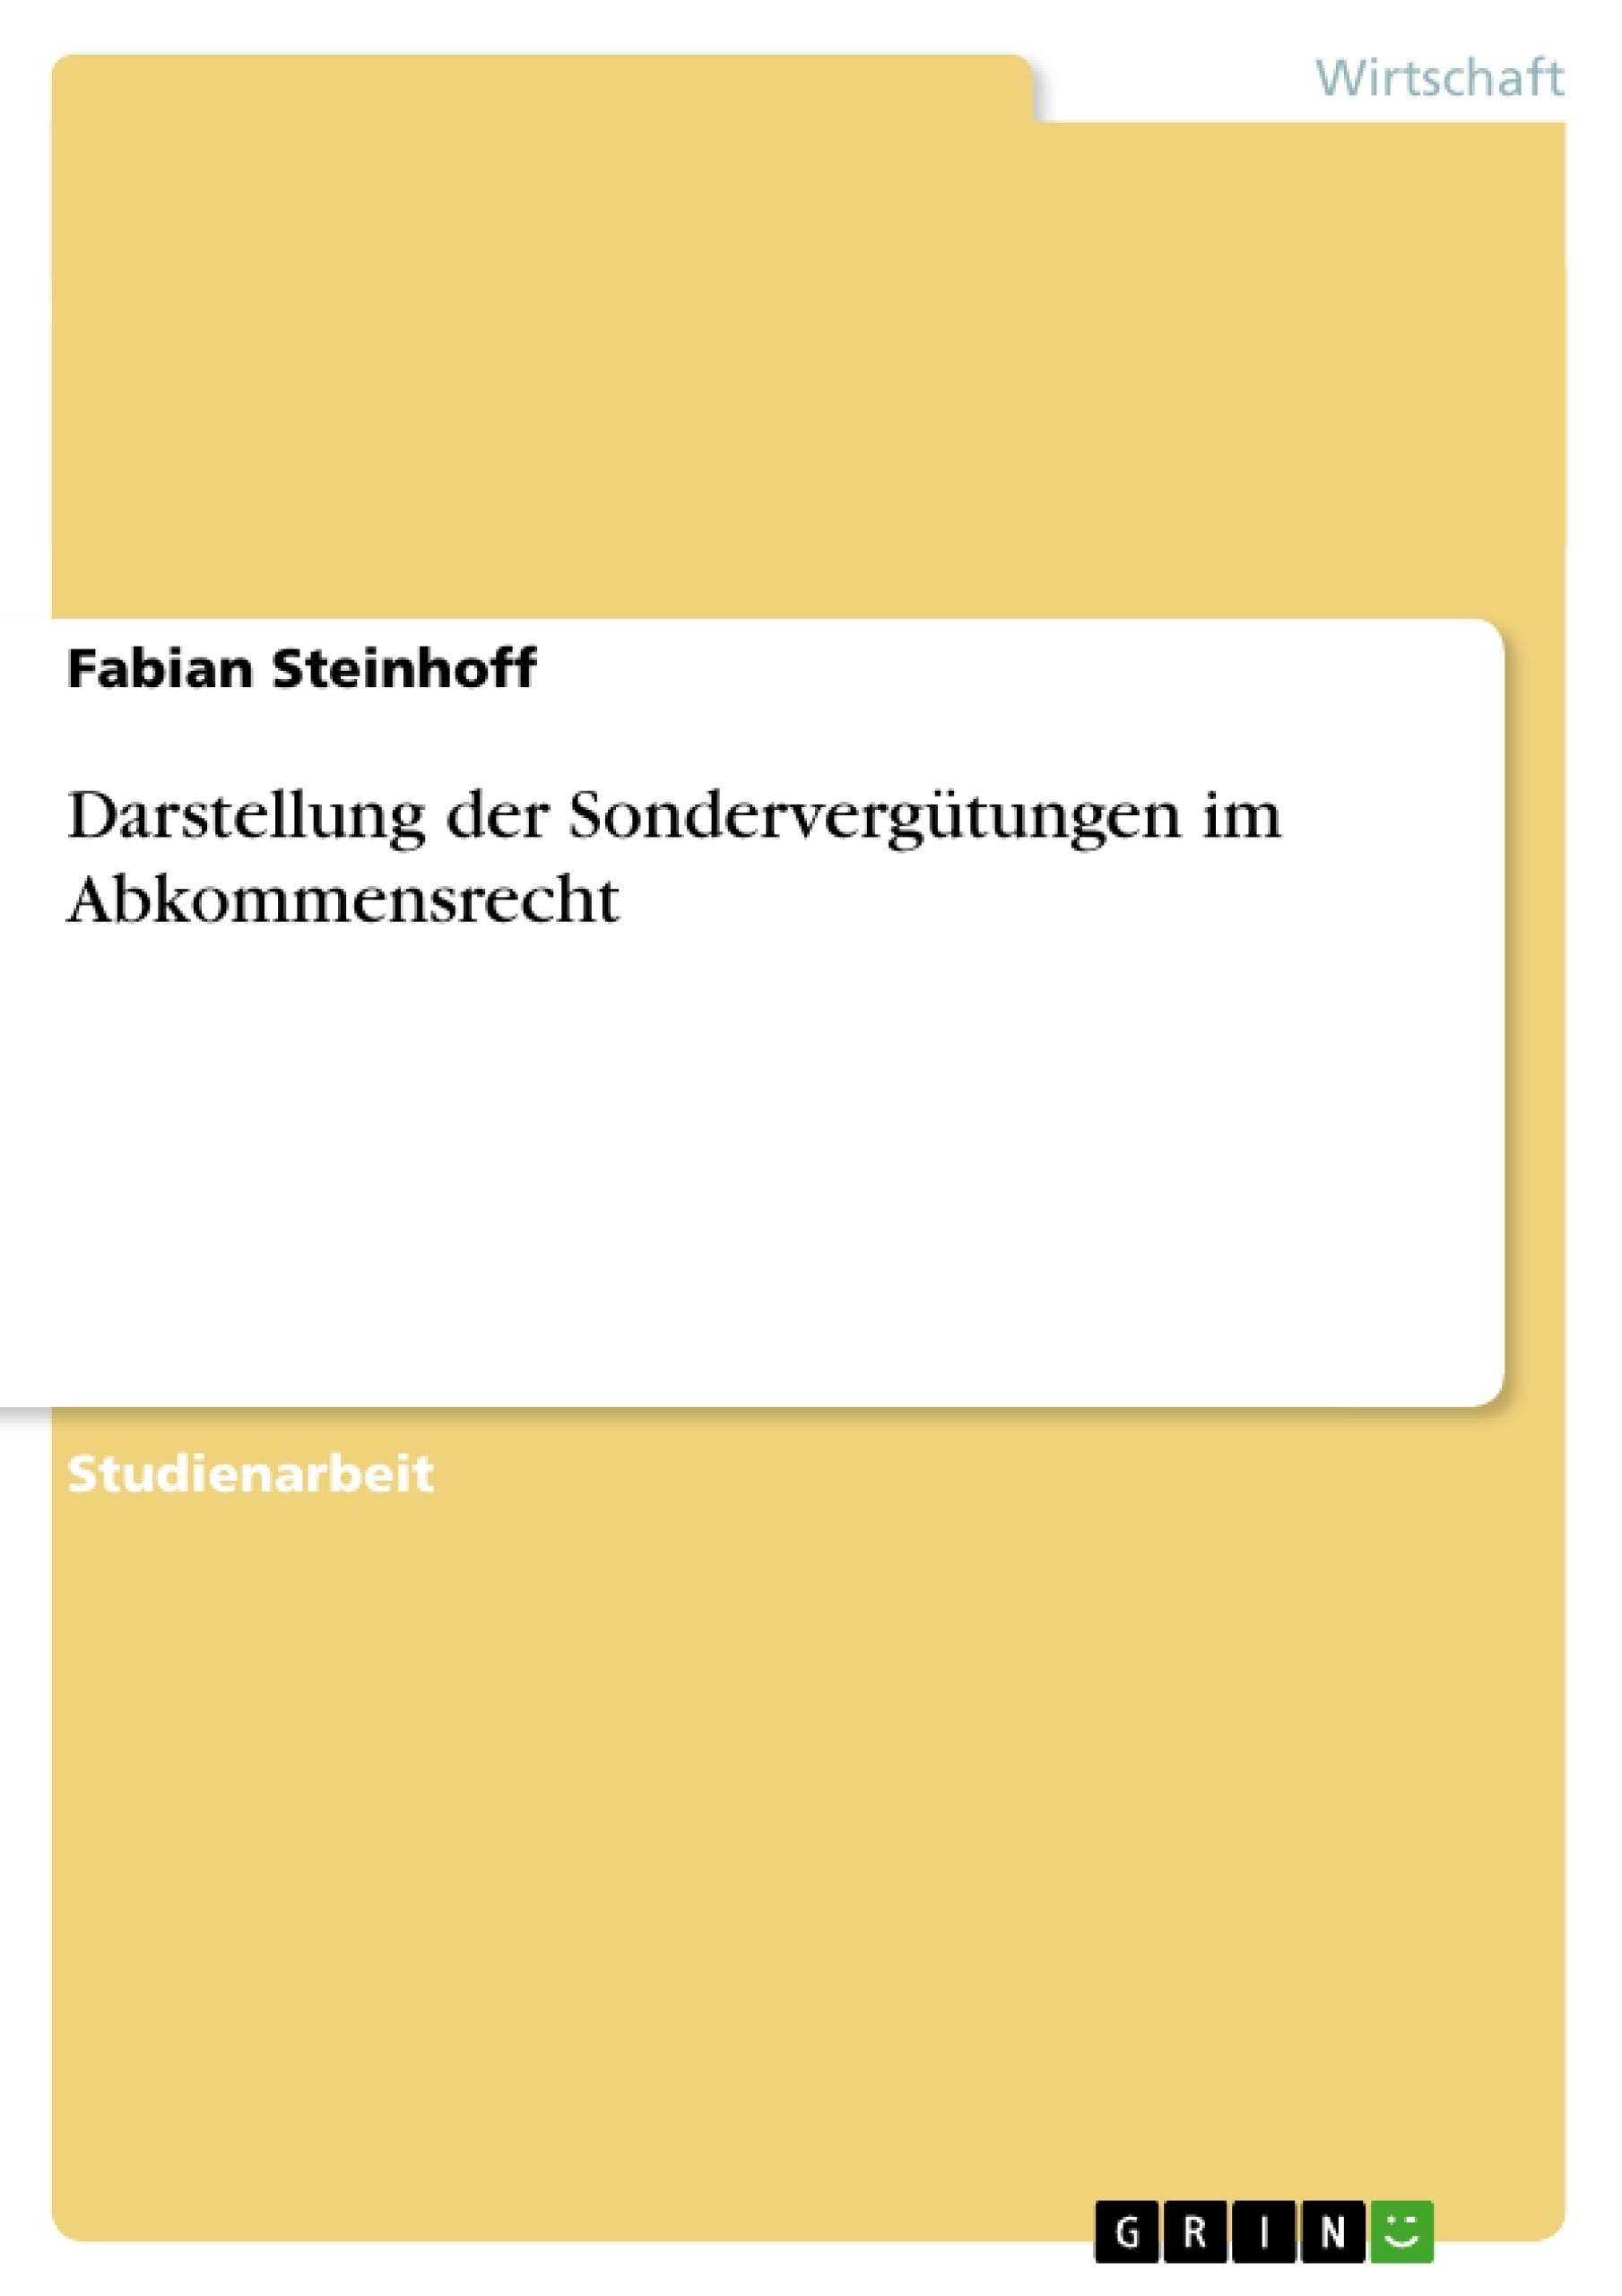 Titel: Darstellung der Sondervergütungen im Abkommensrecht